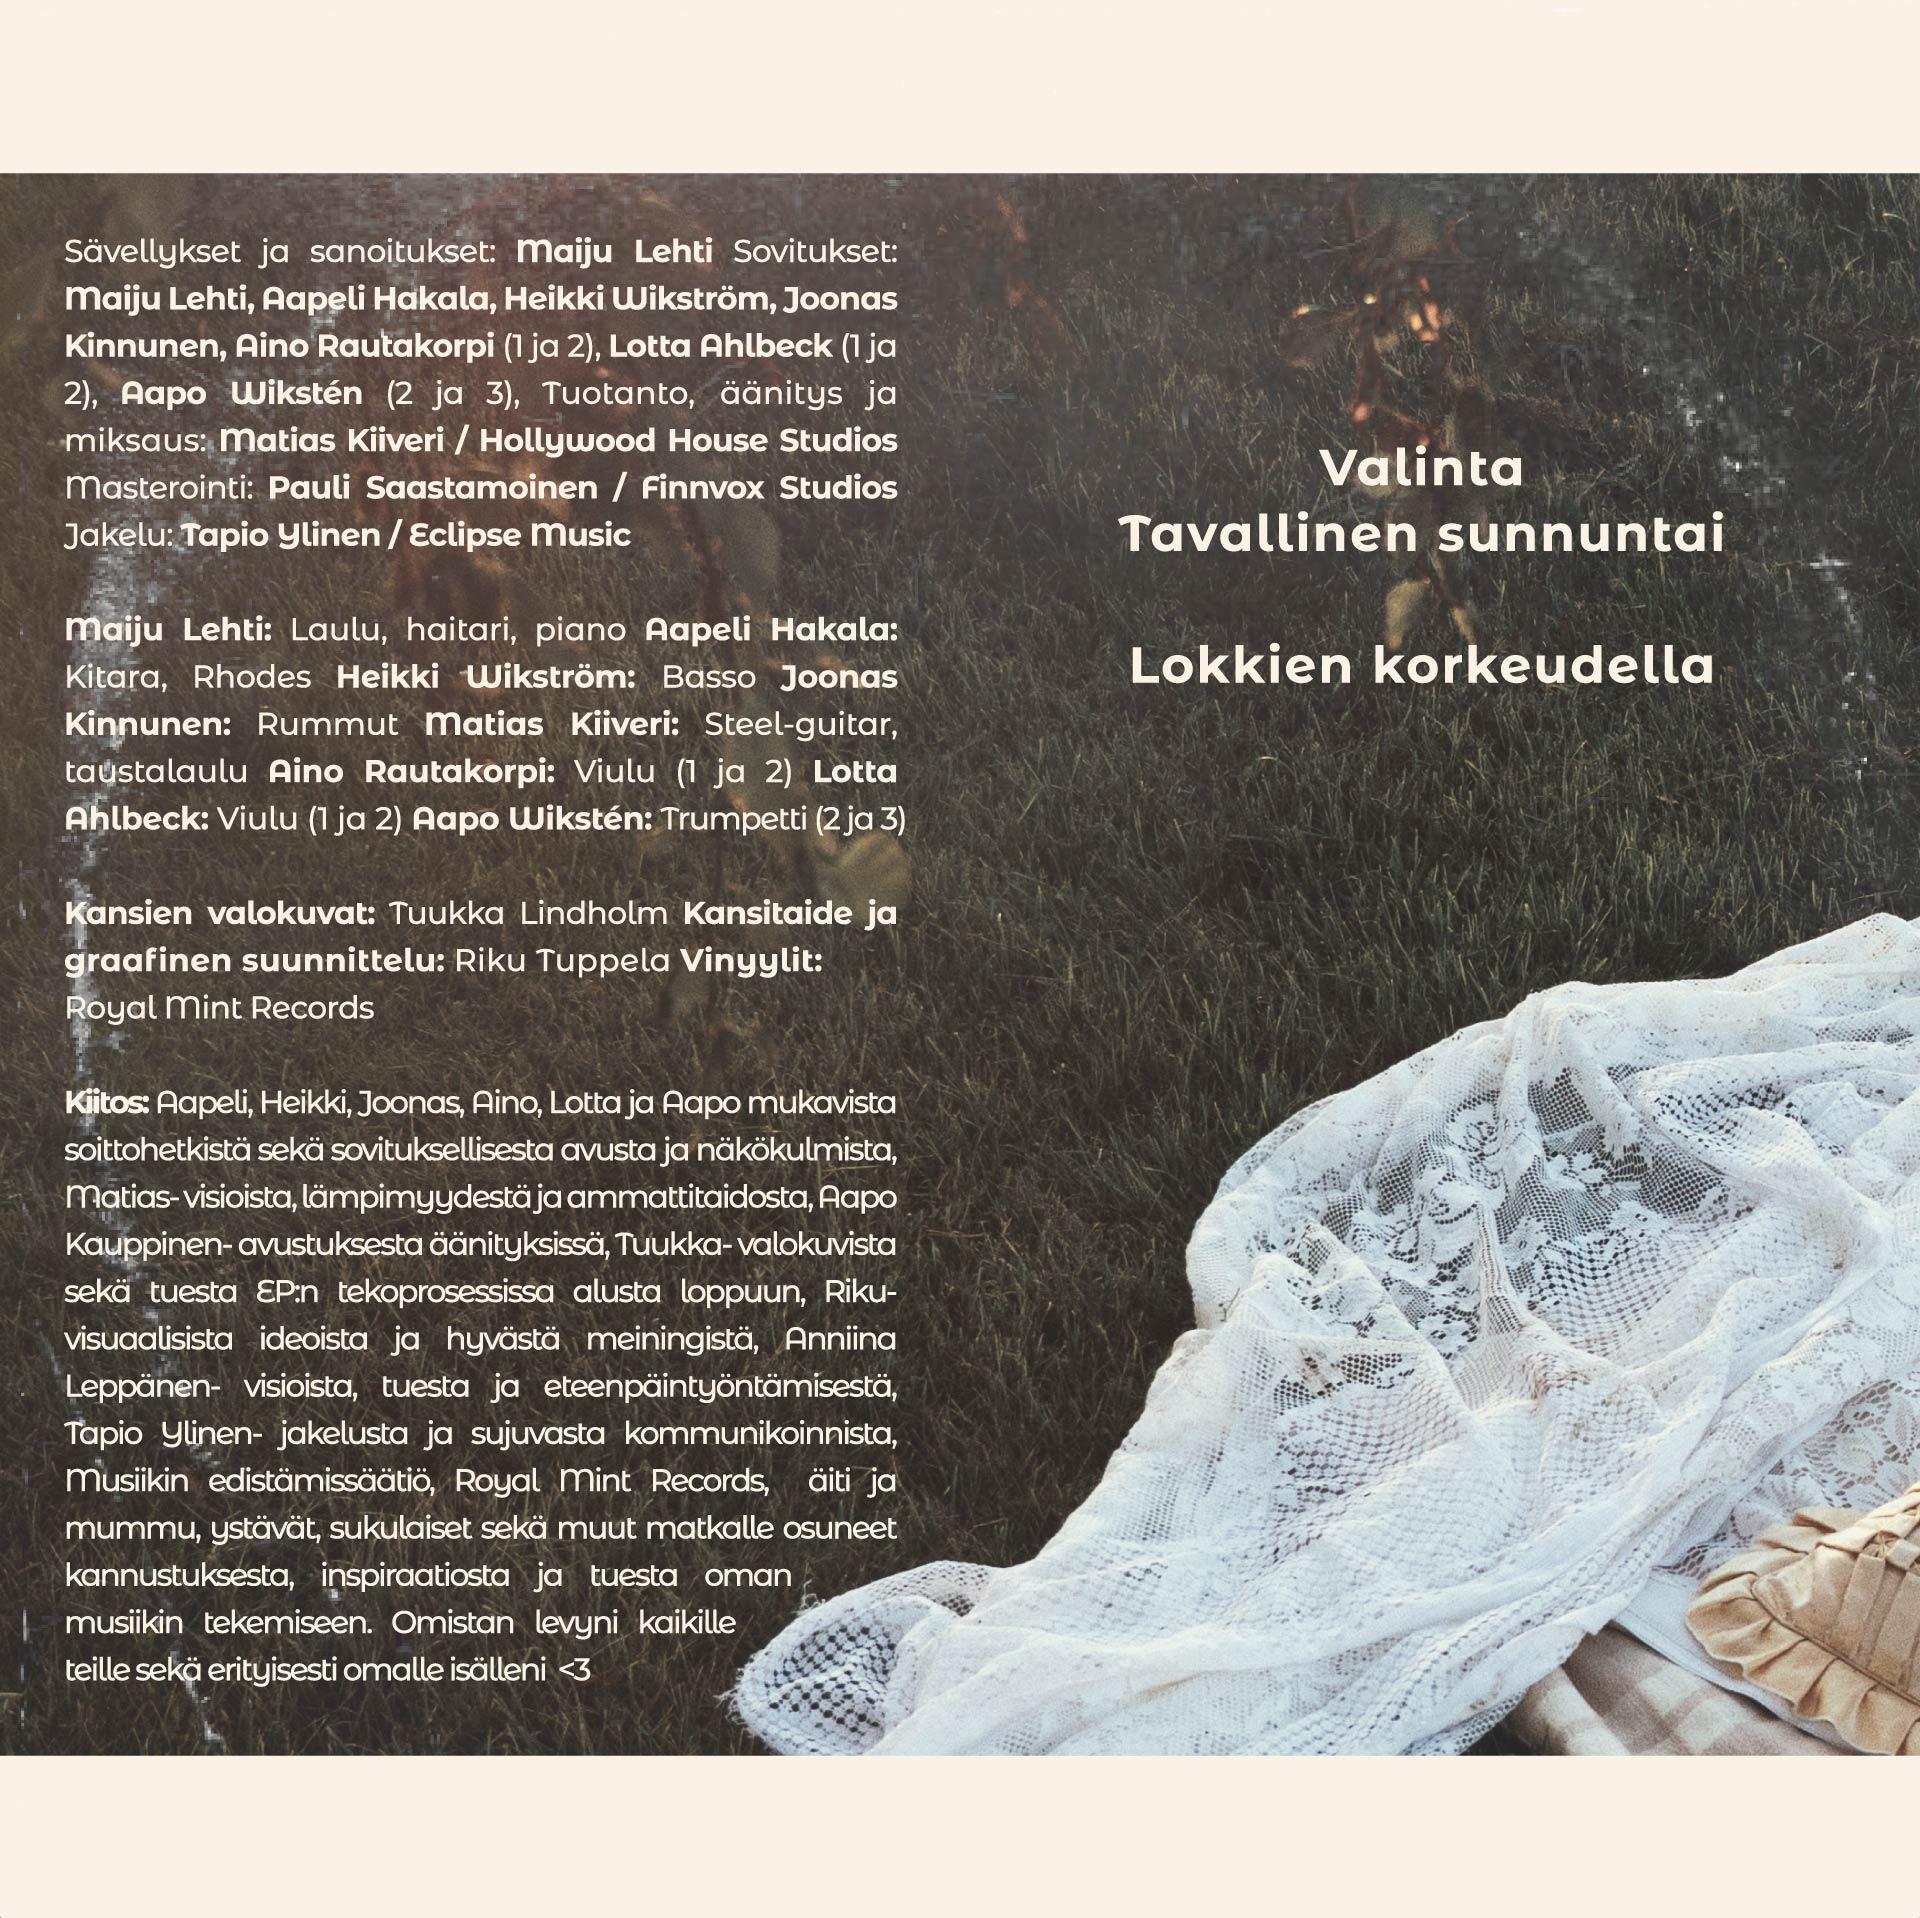 Maiju Lehti Molemmat tiedetään EP takakansi. Kuvassa on vastaleikattu nurmikko. Sen päällä valkoinen pitsiviltti, jonka päällä makaa kitara, silkkinen tyyny ja neljä omenaa.